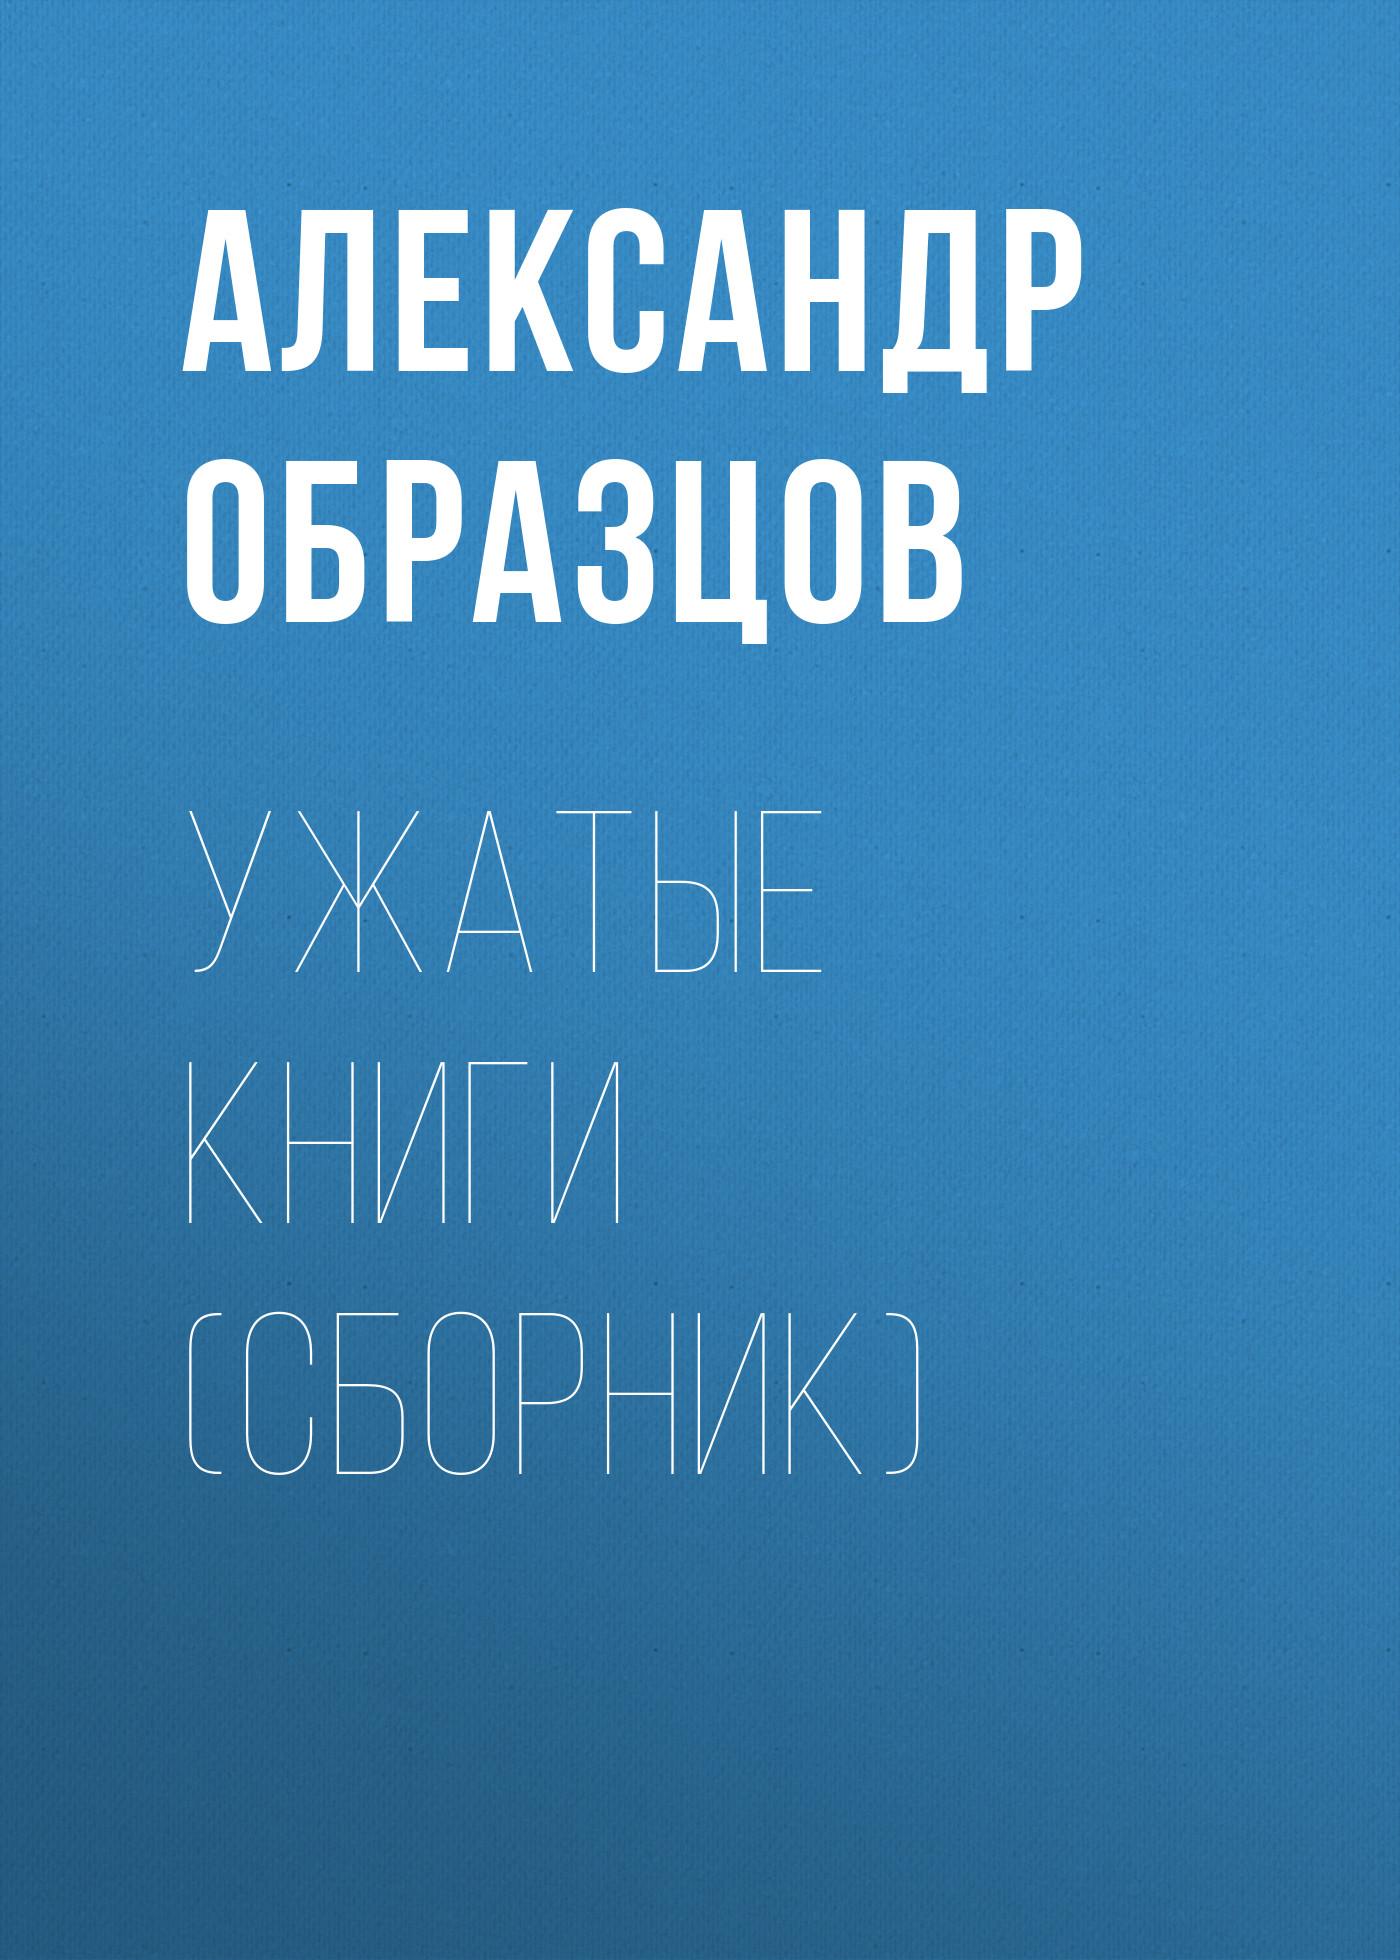 Купить книгу Ужатые книги (сборник), автора Александра Образцова